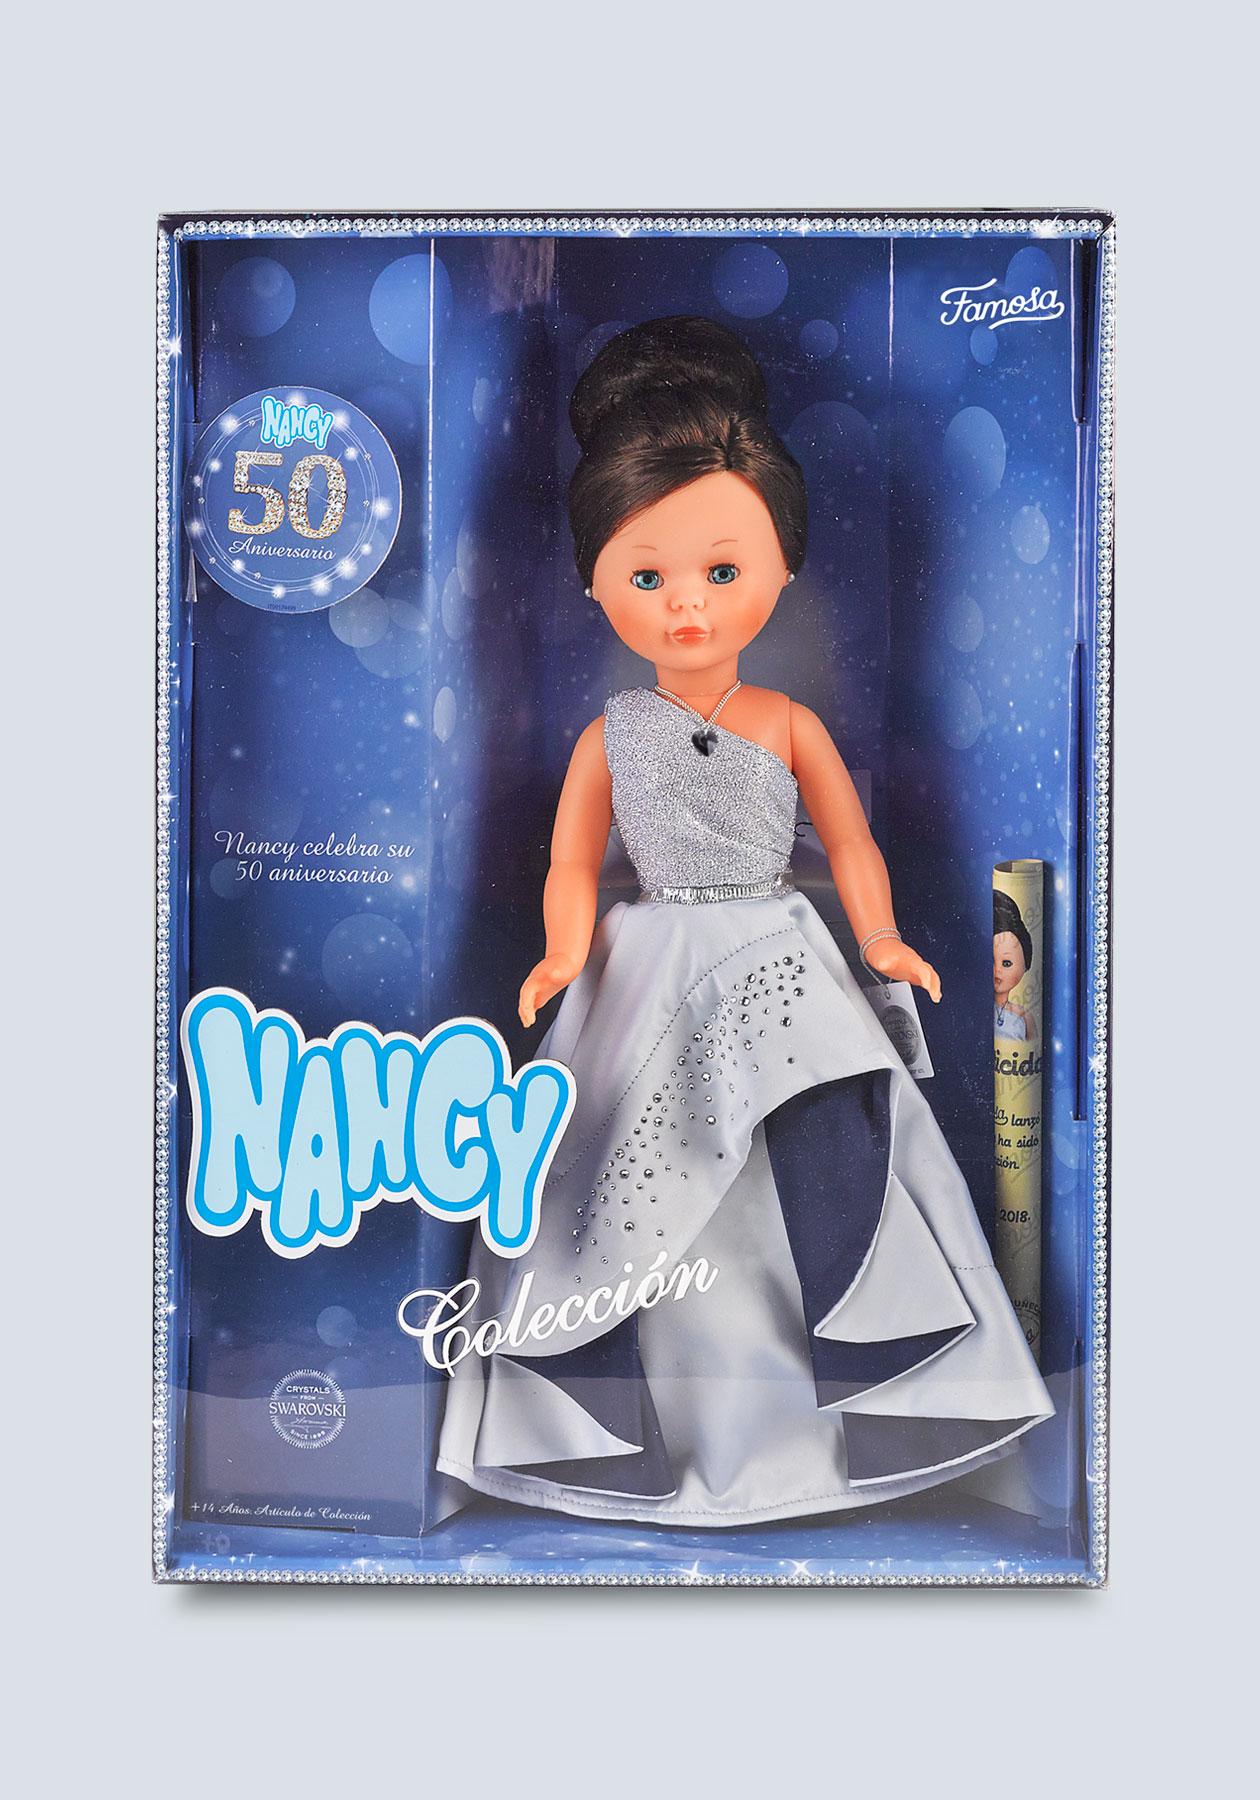 605297a414 Next. Nancy Colección 50 Aniversario